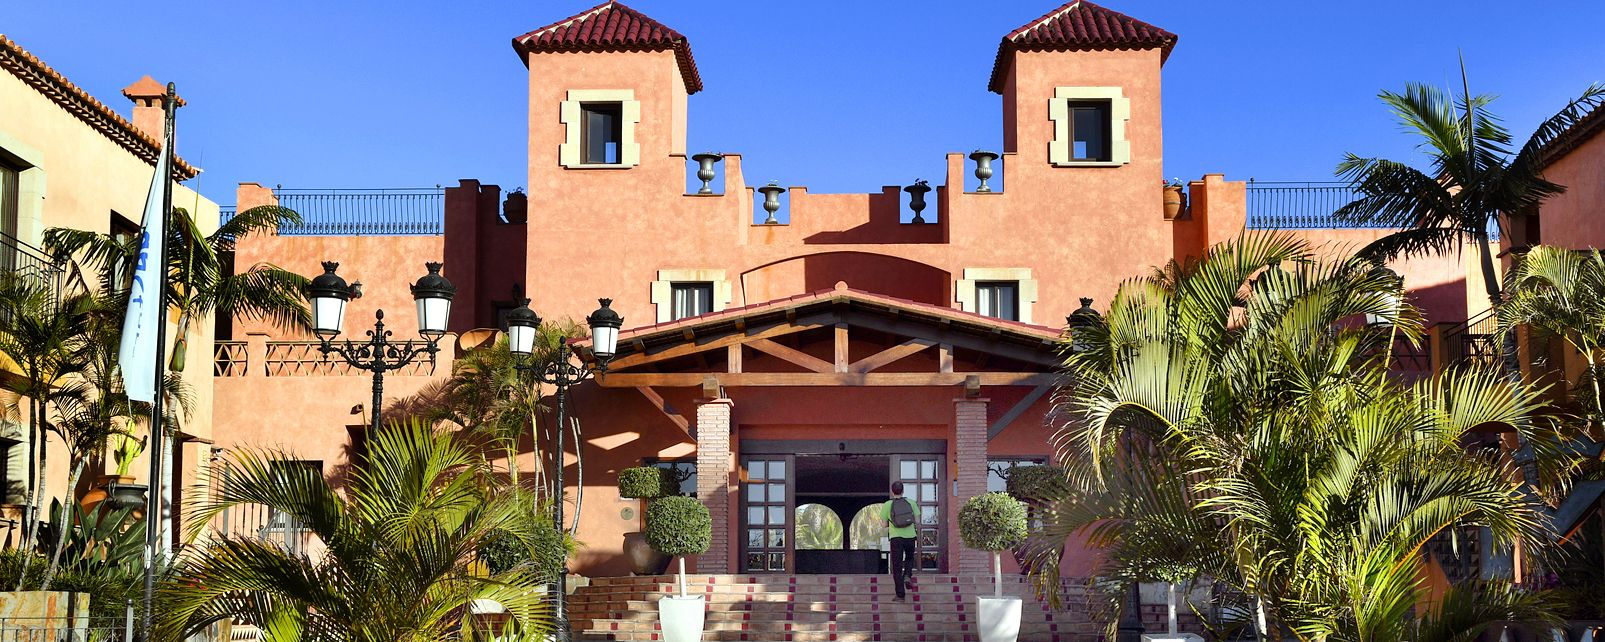 Splashworld Villa Mandi Golf Resort